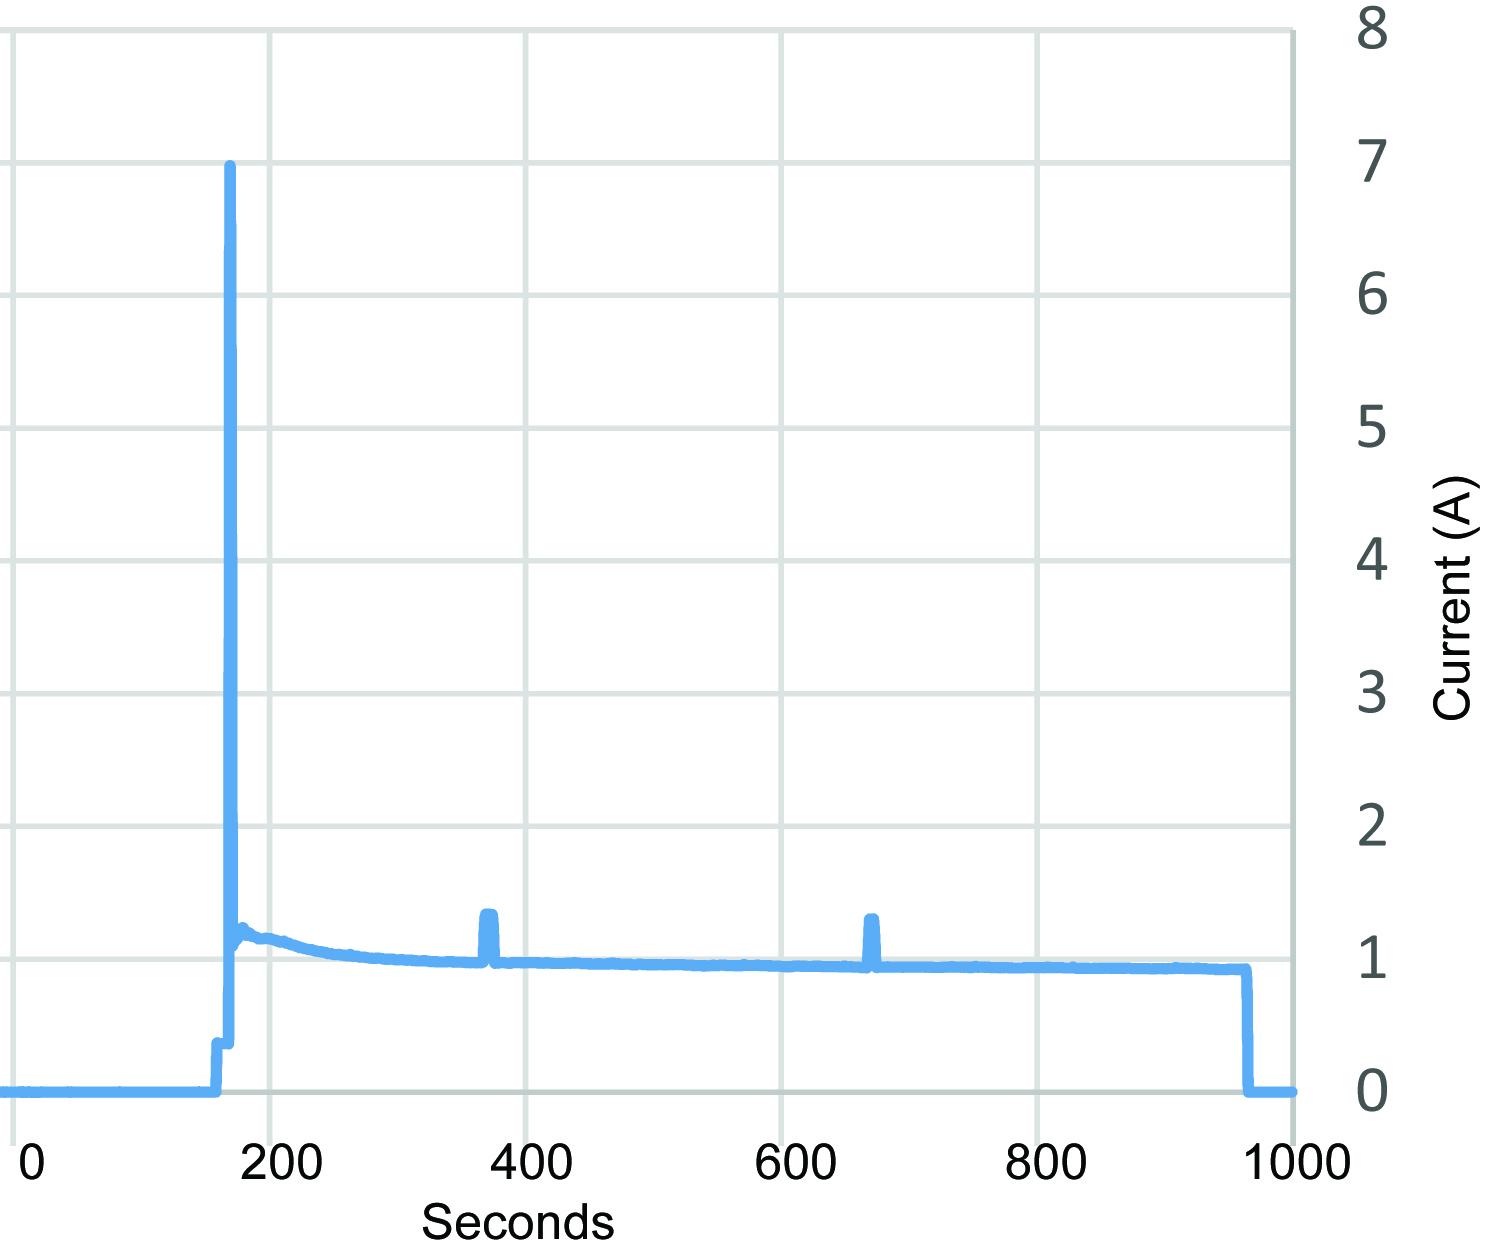 Click image for larger version  Name:Ref test 1 sec sampling.jpg Views:22 Size:789.1 KB ID:201700